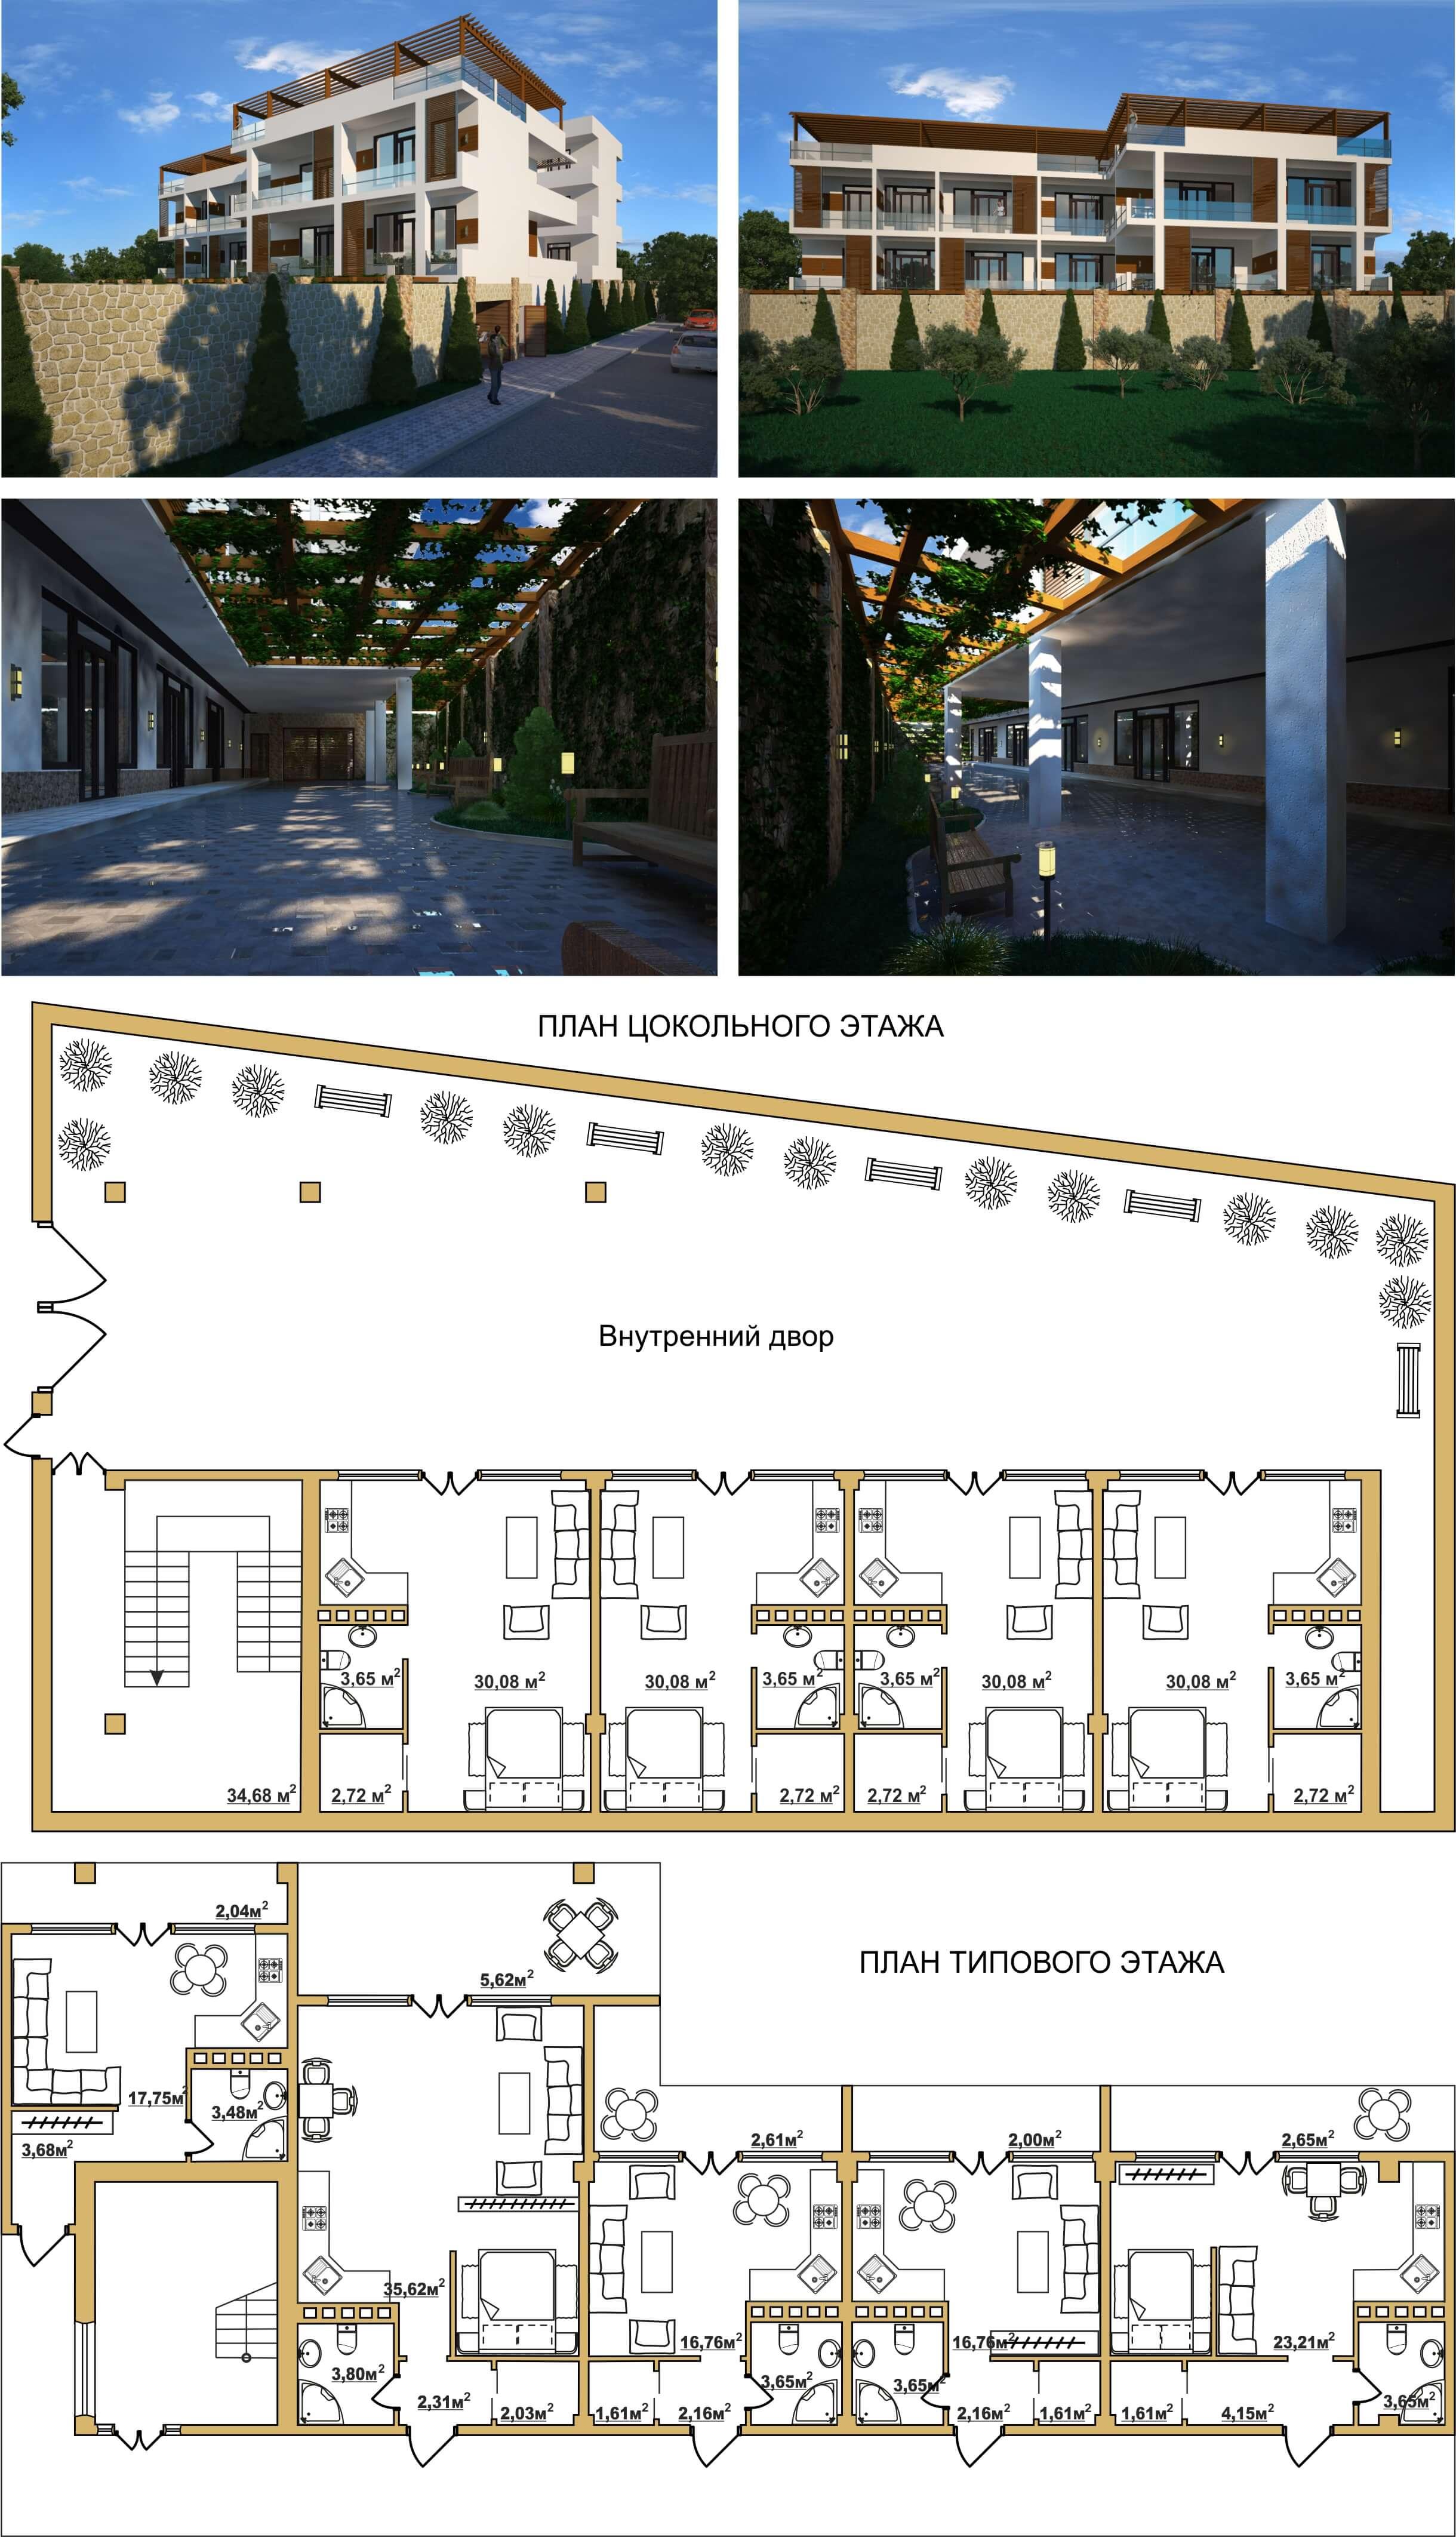 Строительство домов «под ключ» и их проектирование в Крыму и Севастополе